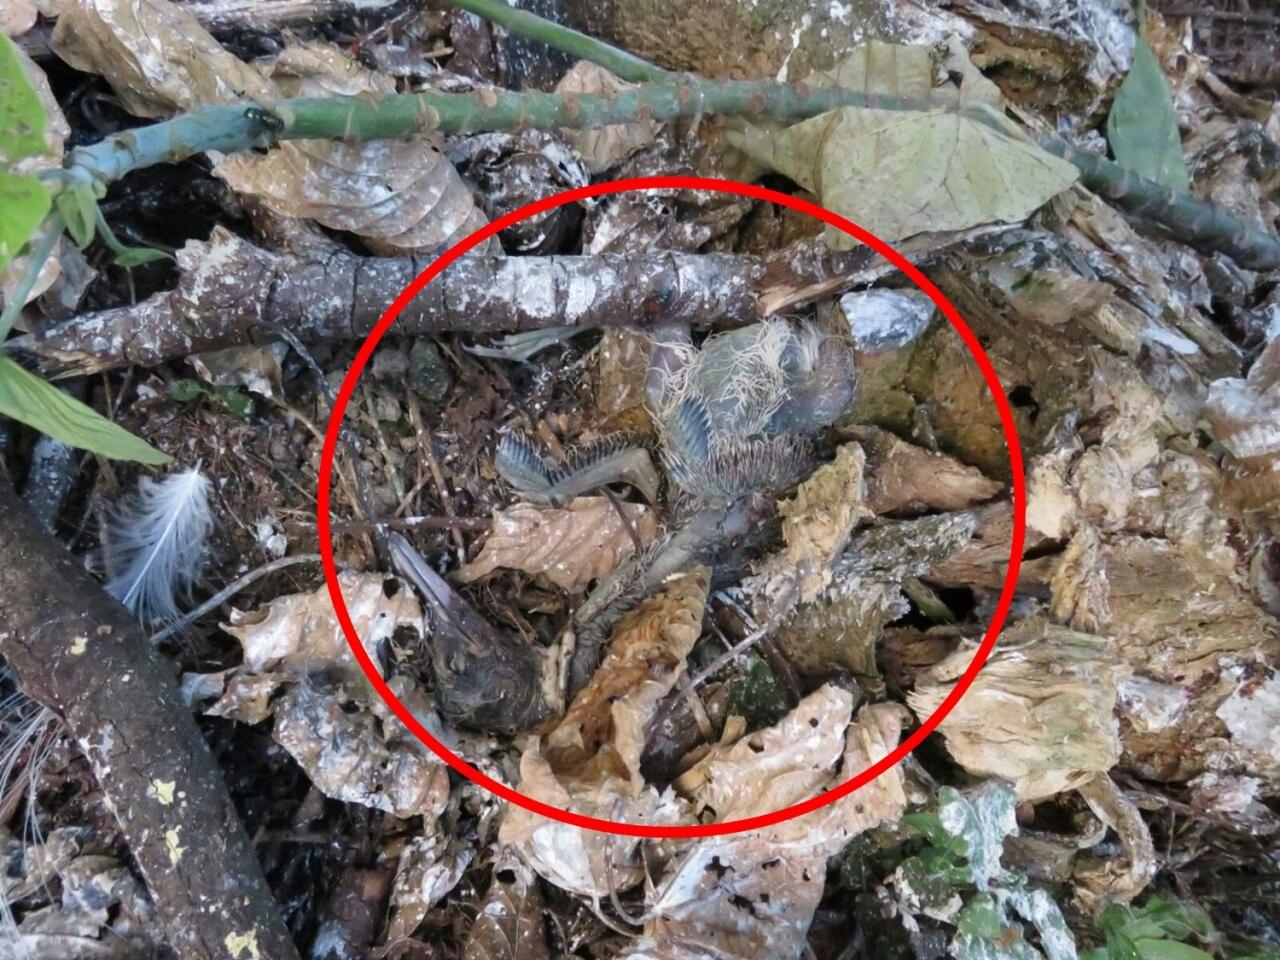 在康文署修剪樹木後,發現出現鷺鳥BB(紅圈內)的屍體。(香港觀鳥會提供)